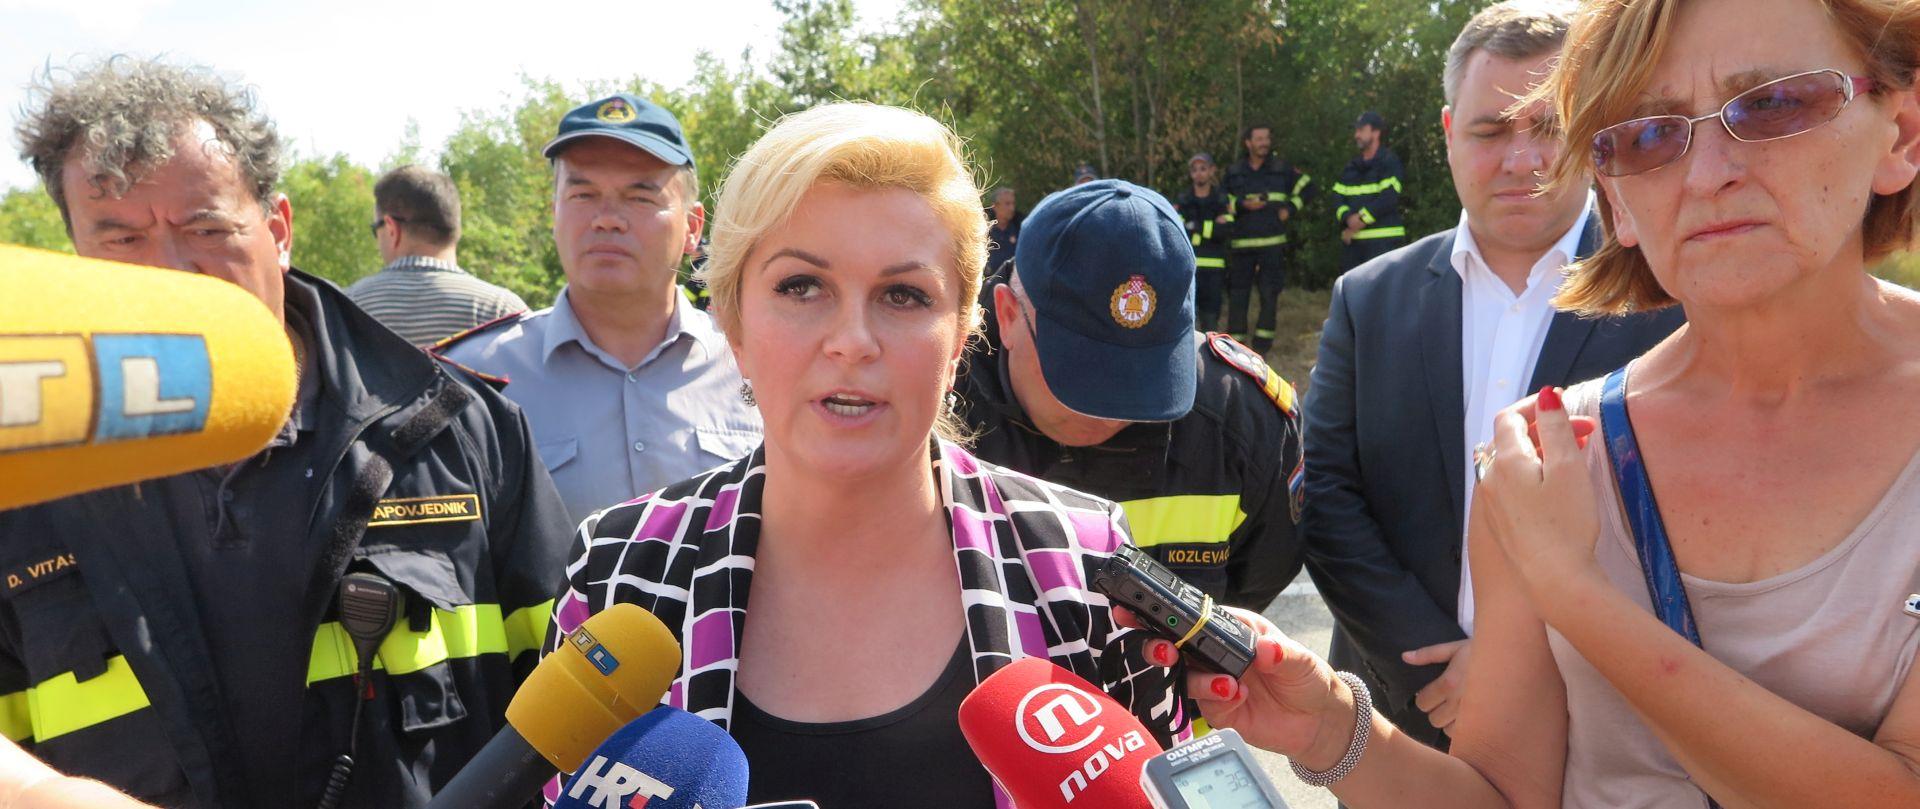 Grabar-Kitarović: Odluka o slučaju arbitraža u okviru nacionalnog konsenzusa